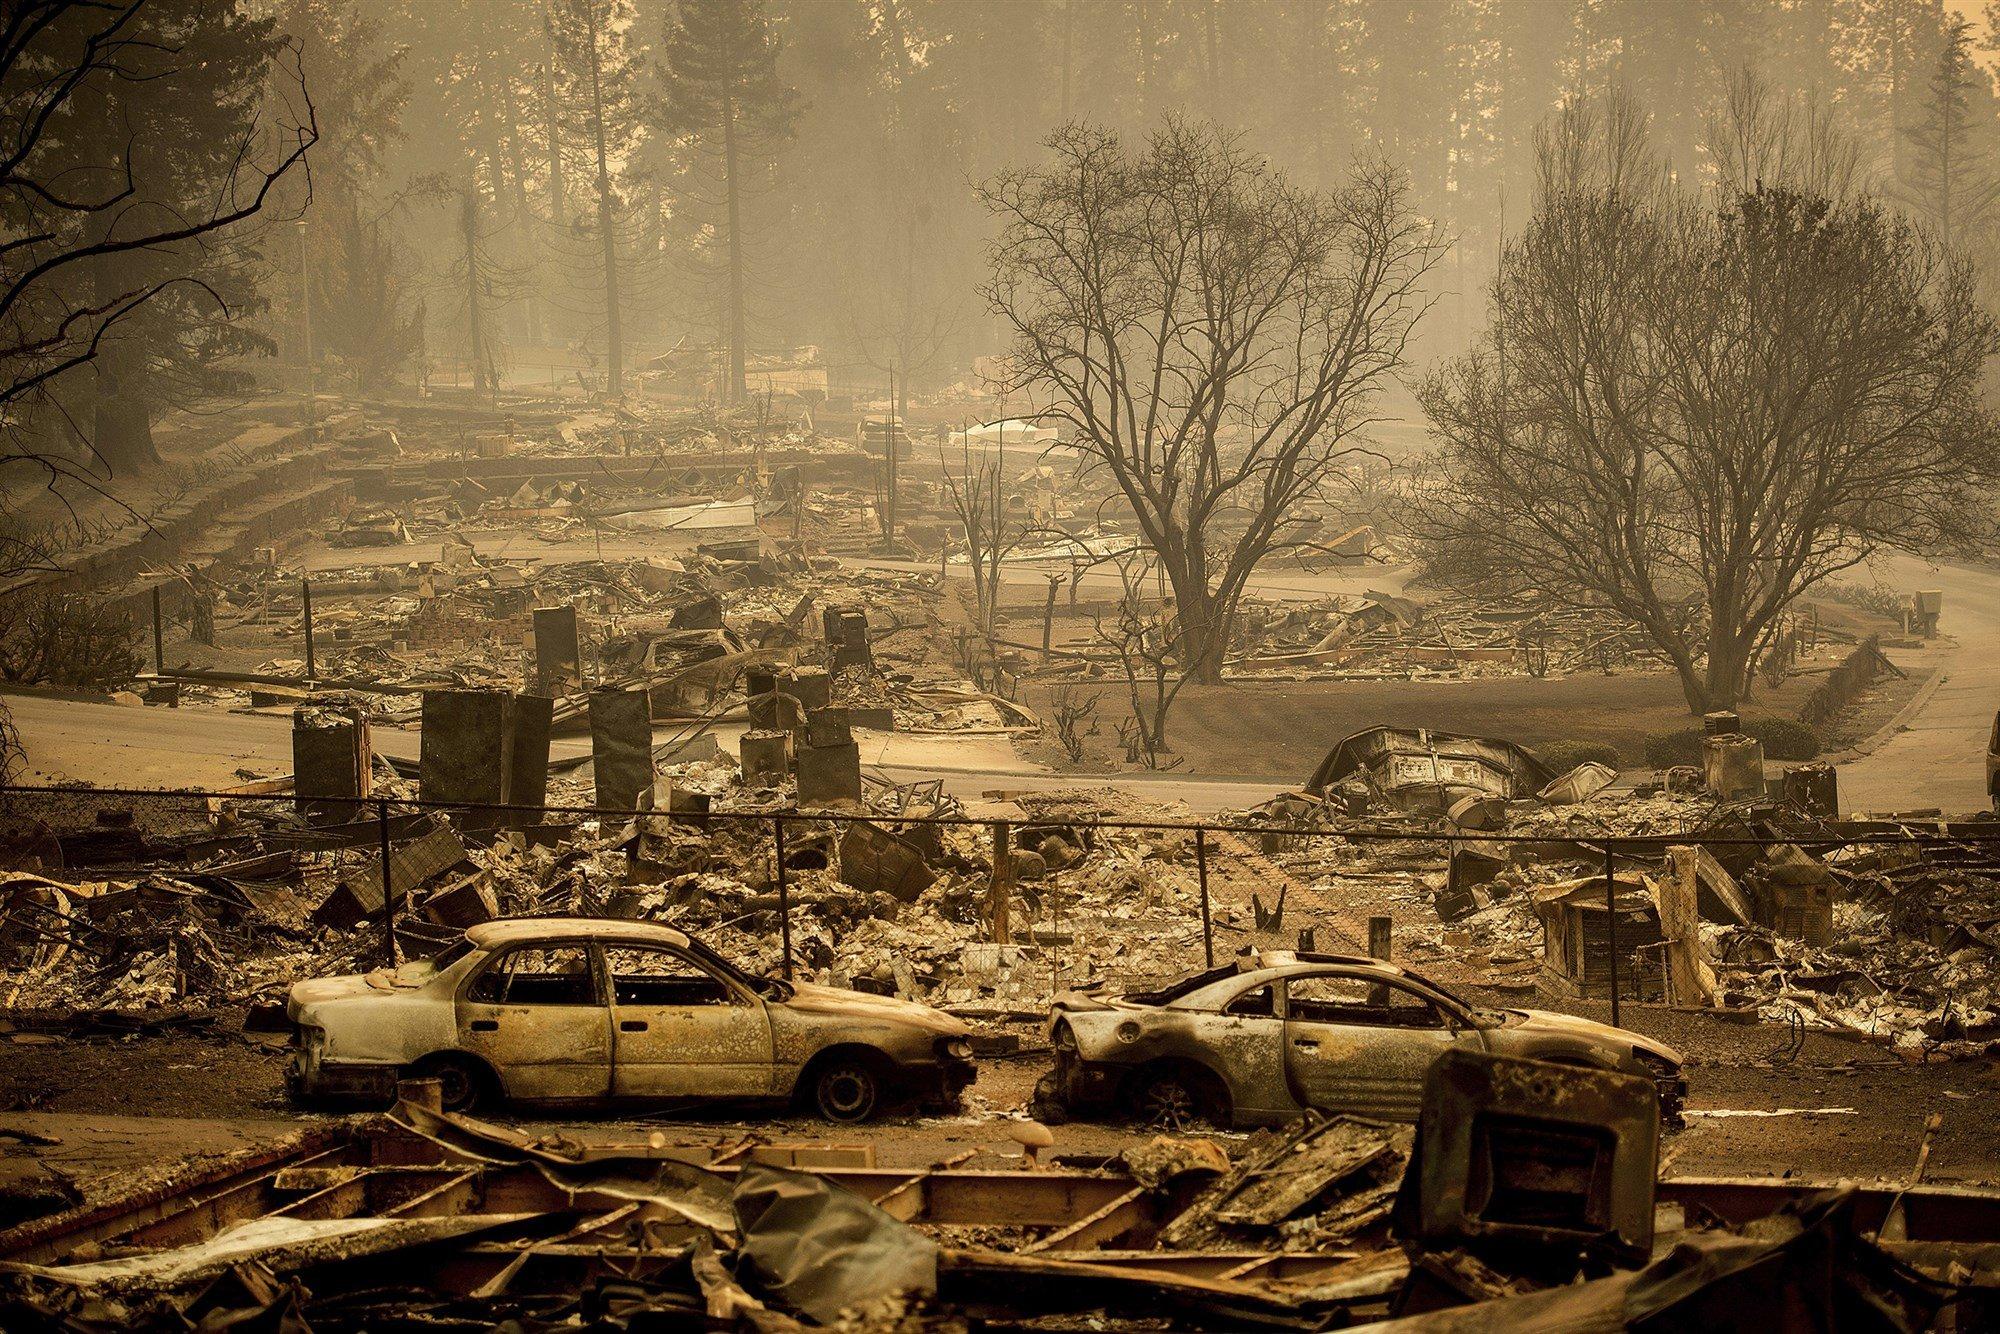 Thảm họa cháy rừng California: 56 người chết, chưa kiểm soát được đám cháy